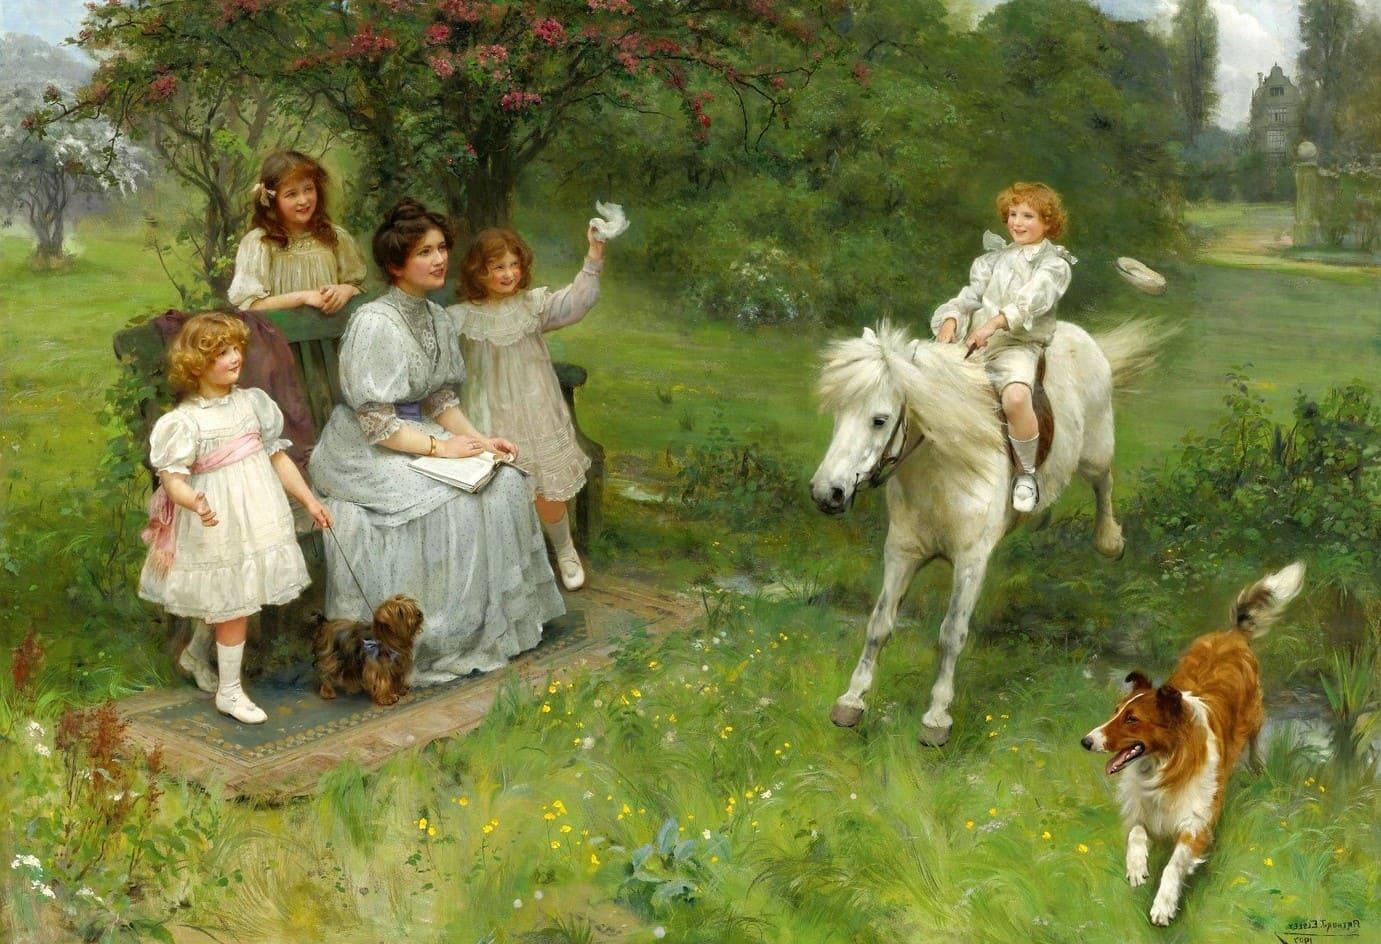 Художник Arthur John Elsley (1860 – 1952). Мастер сентиментальной живописи